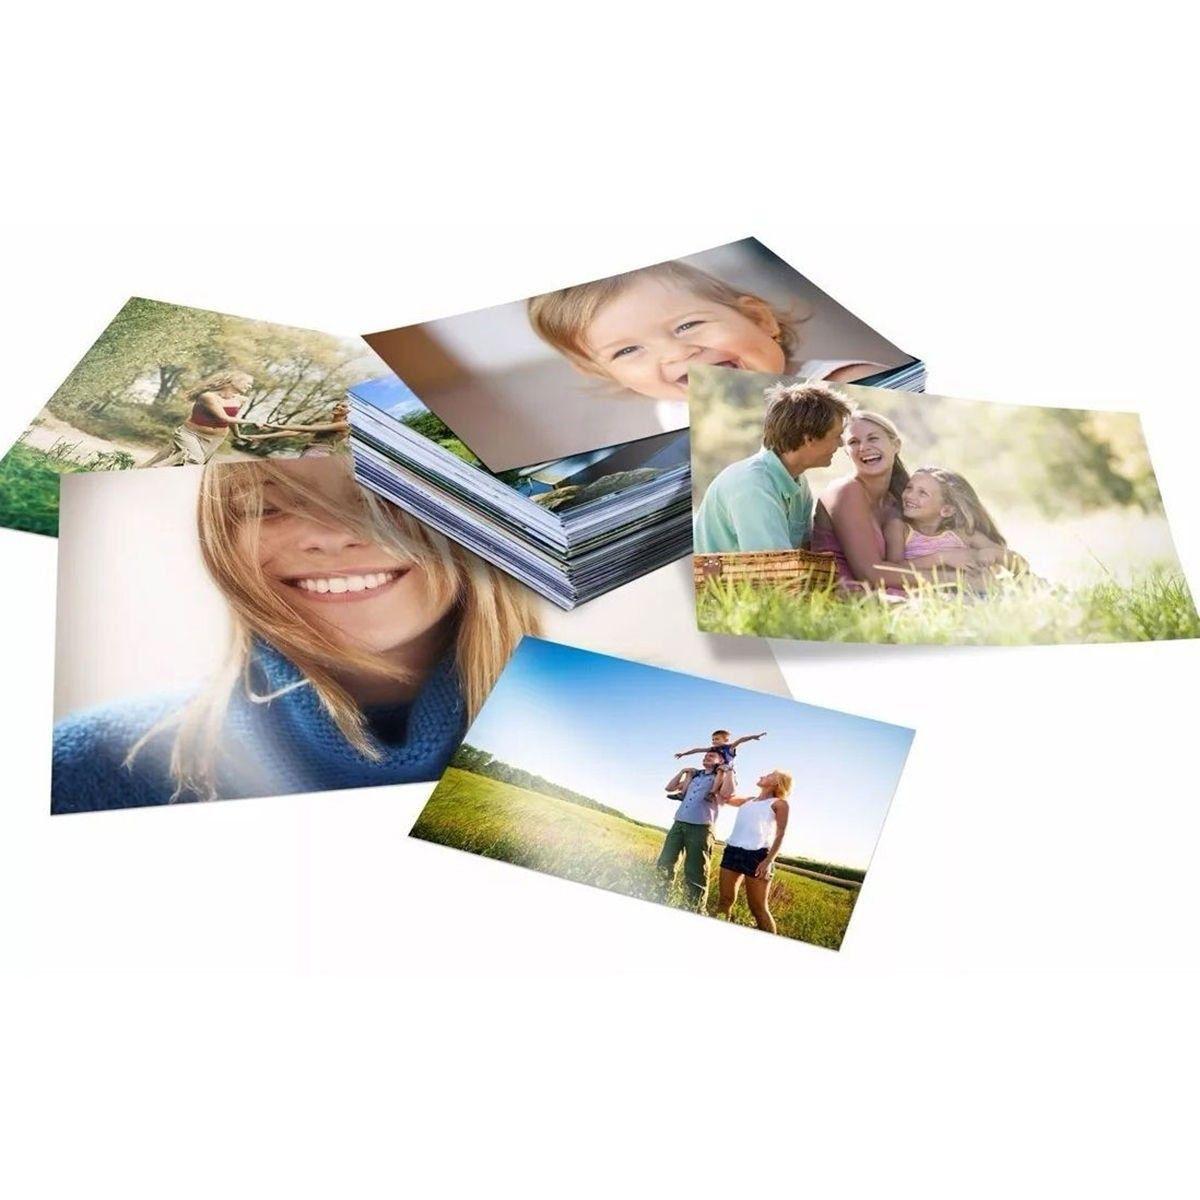 Papel Fotográfico Adesivo Glossy A4 130g Branco Brilhante Resistente à Água / 50 folhas